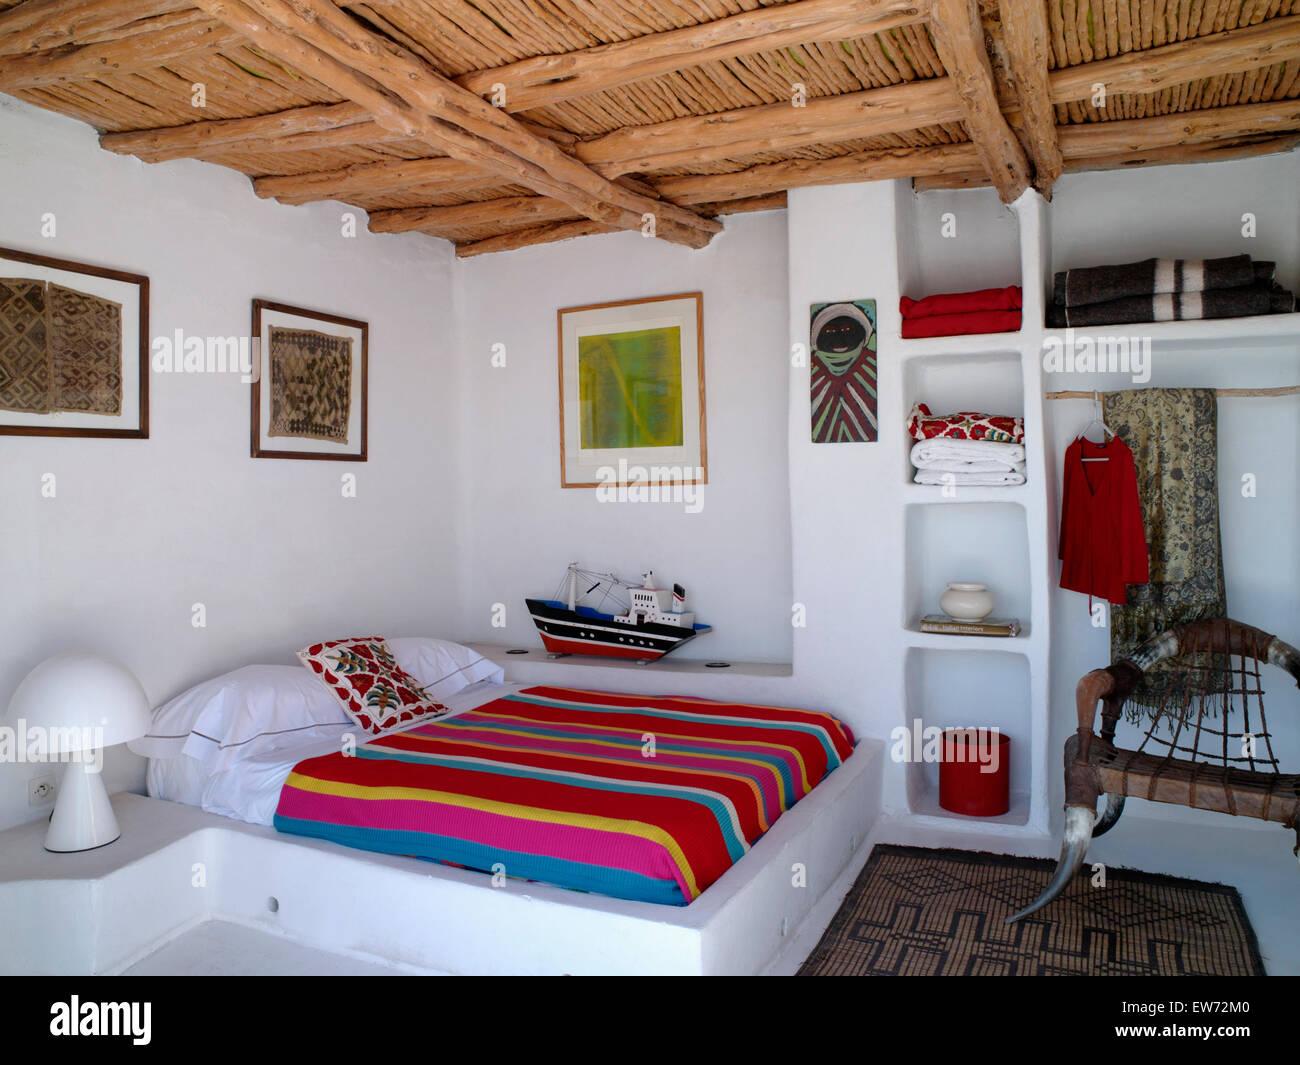 Schlafzimmer Bunt weißen kissen und bunt gestreiften bettdecke auf steinernen